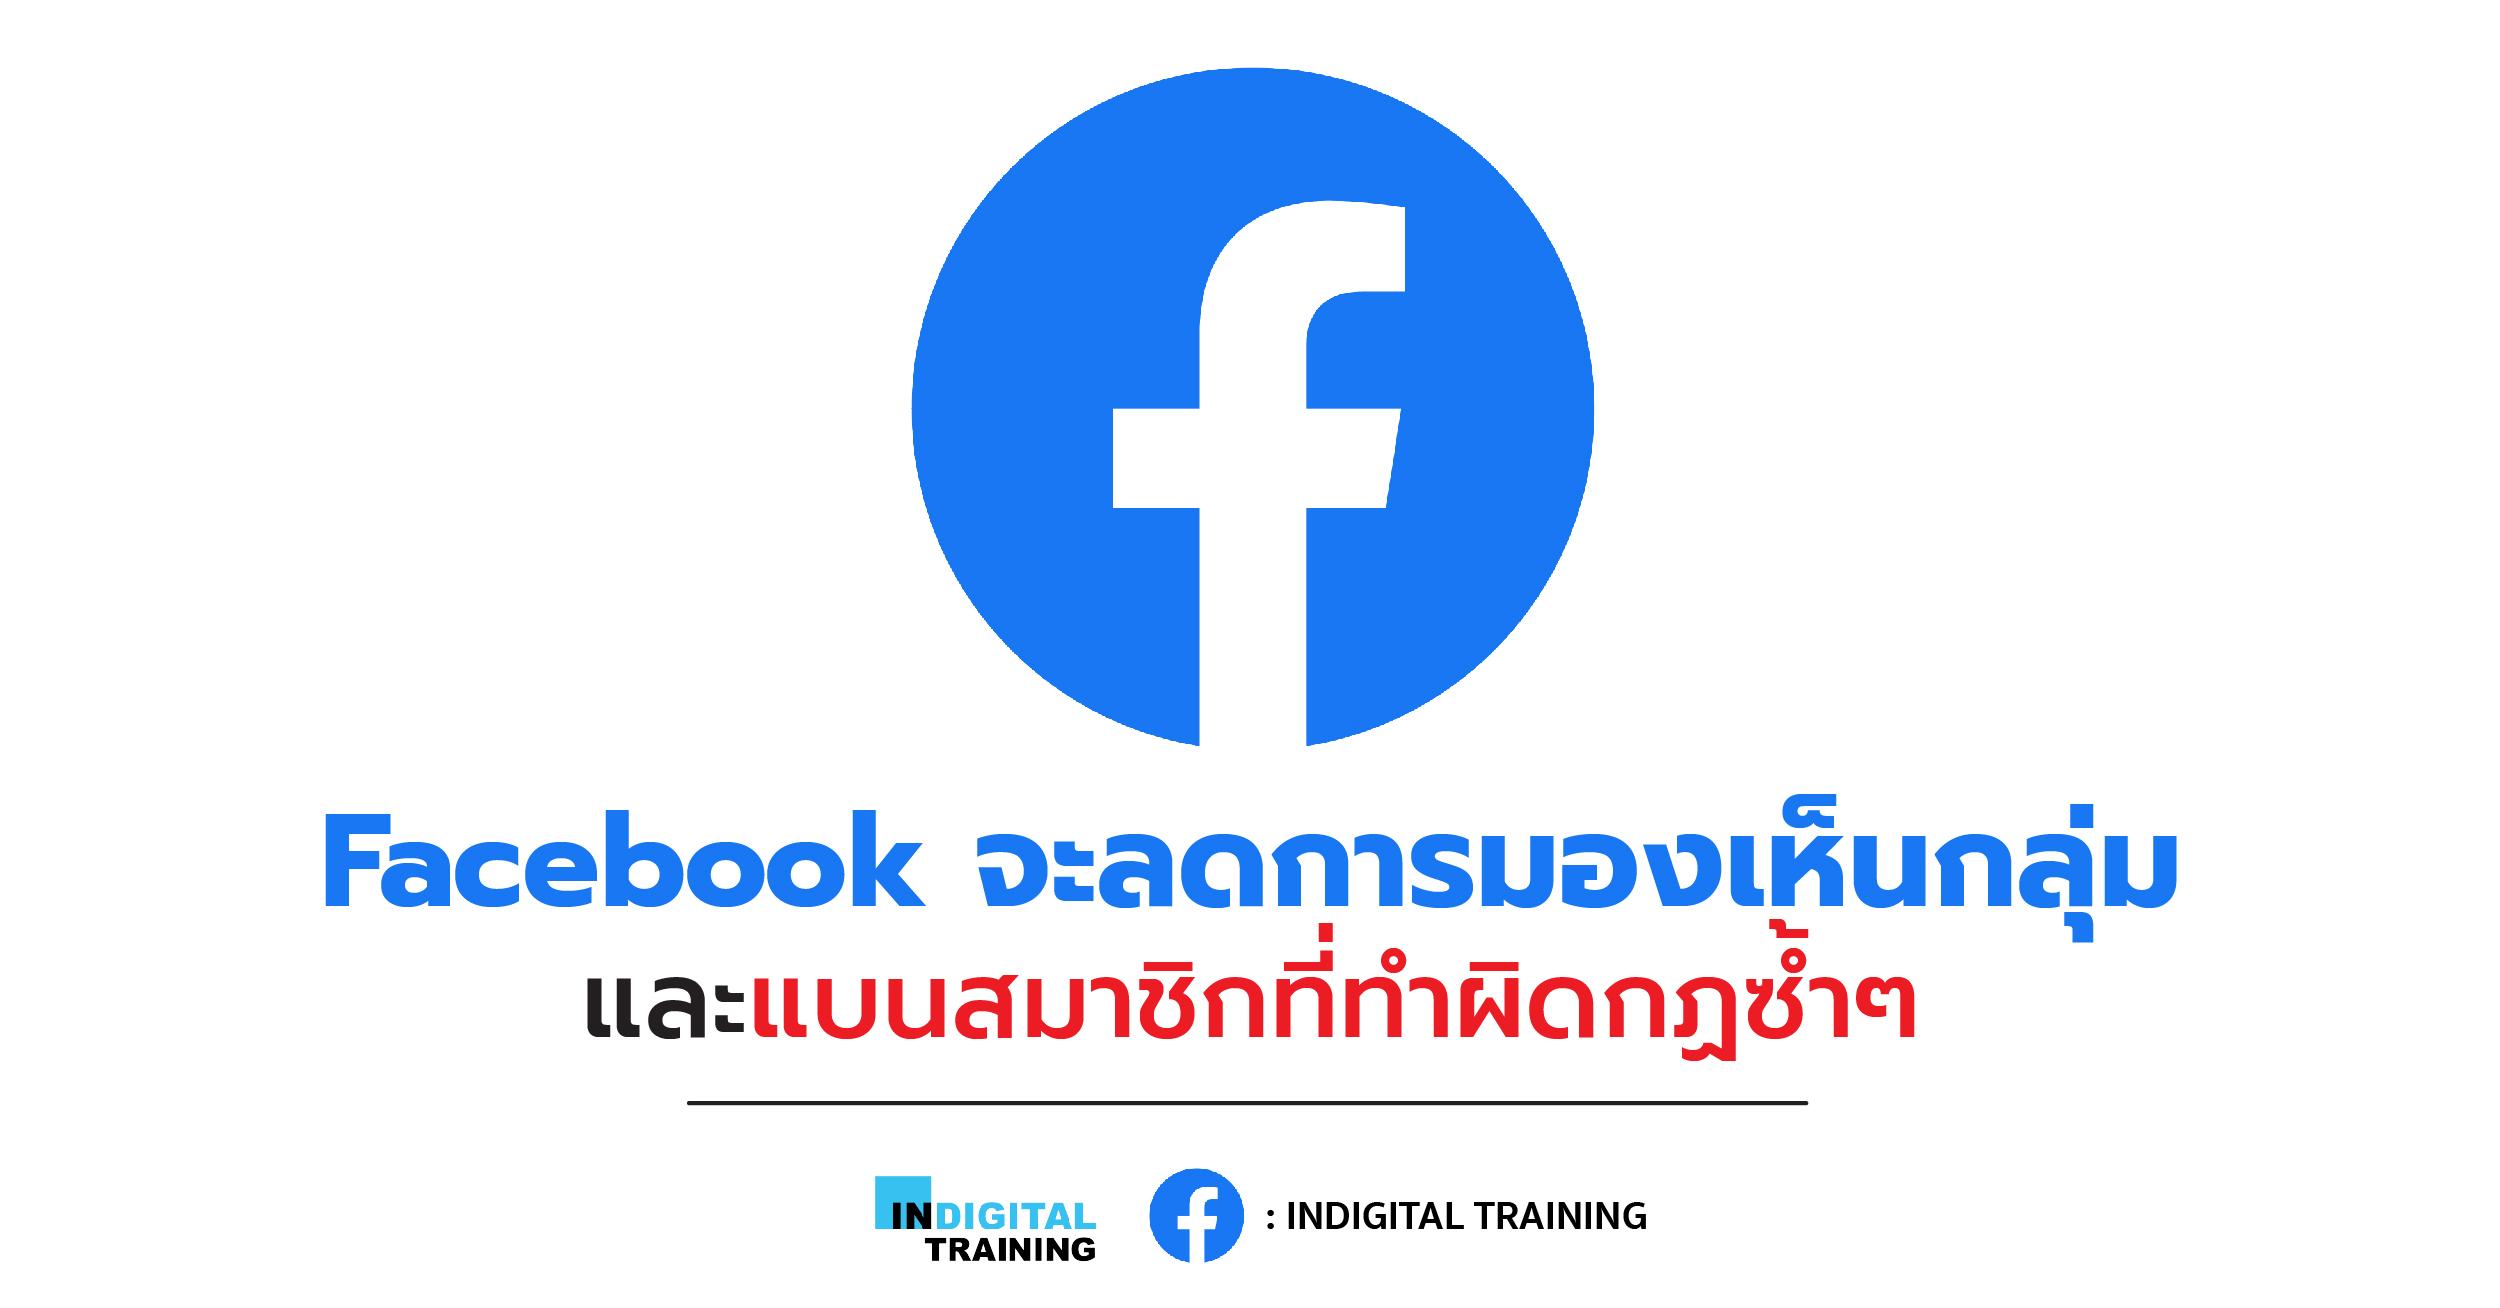 Facebook จะลดการมองเห็นกลุ่มและแบนสมาชิกที่ทำผิดกฏซ้ำๆ